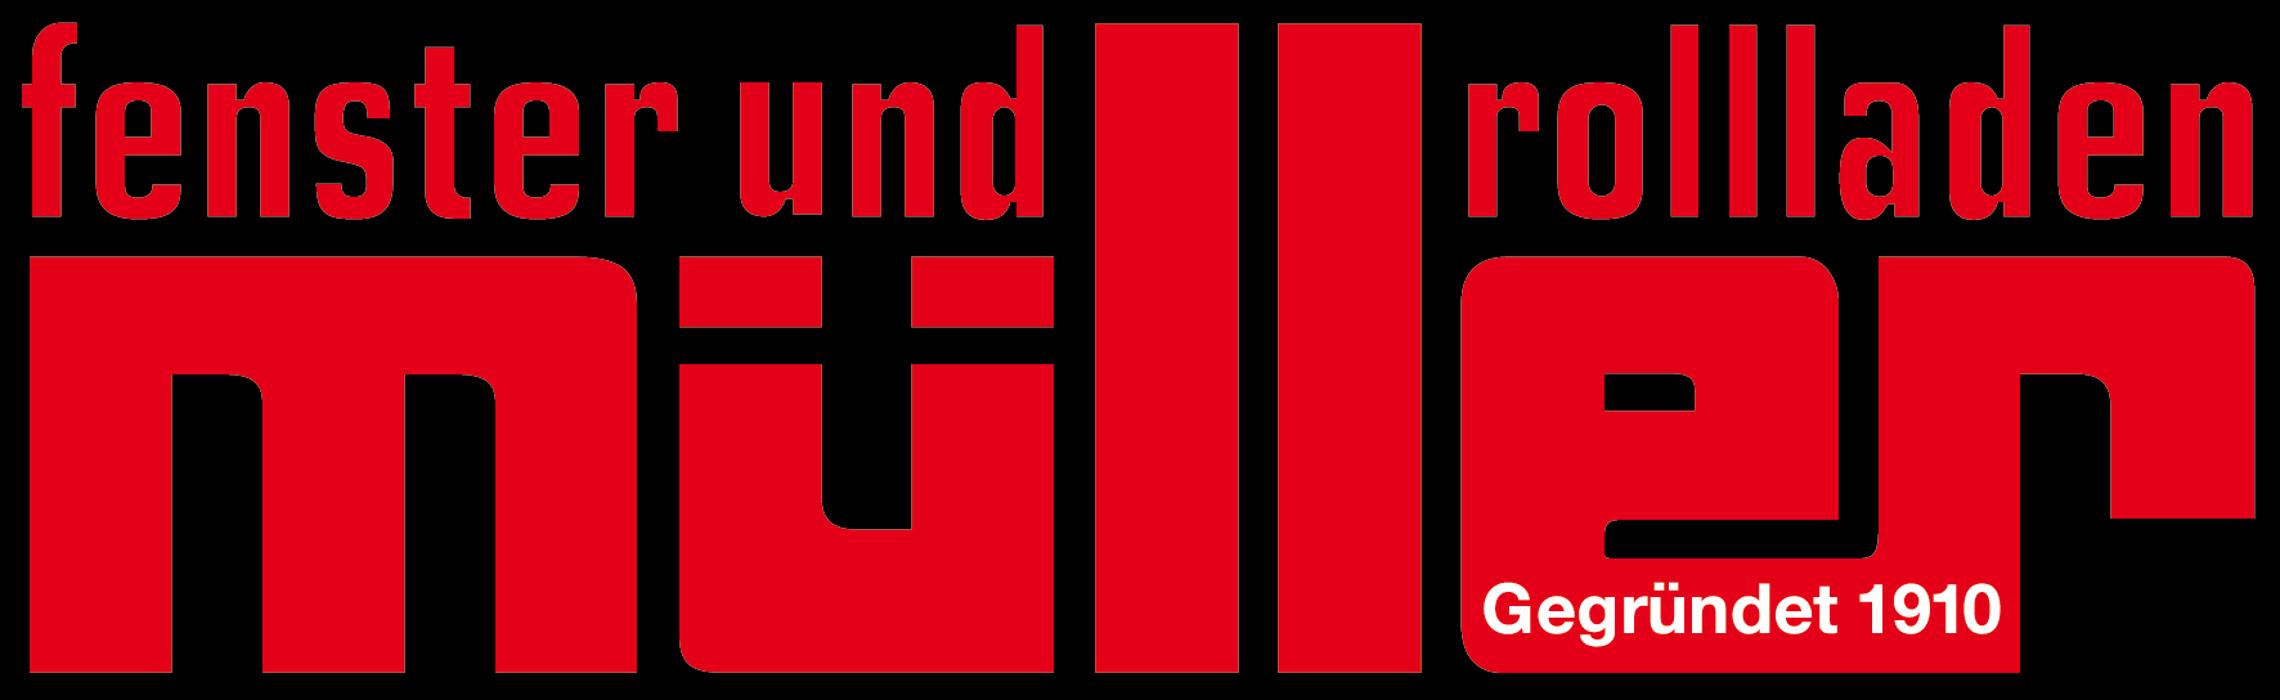 Bild zu Fenster und Rollladen Müller GmbH in Heilbronn am Neckar